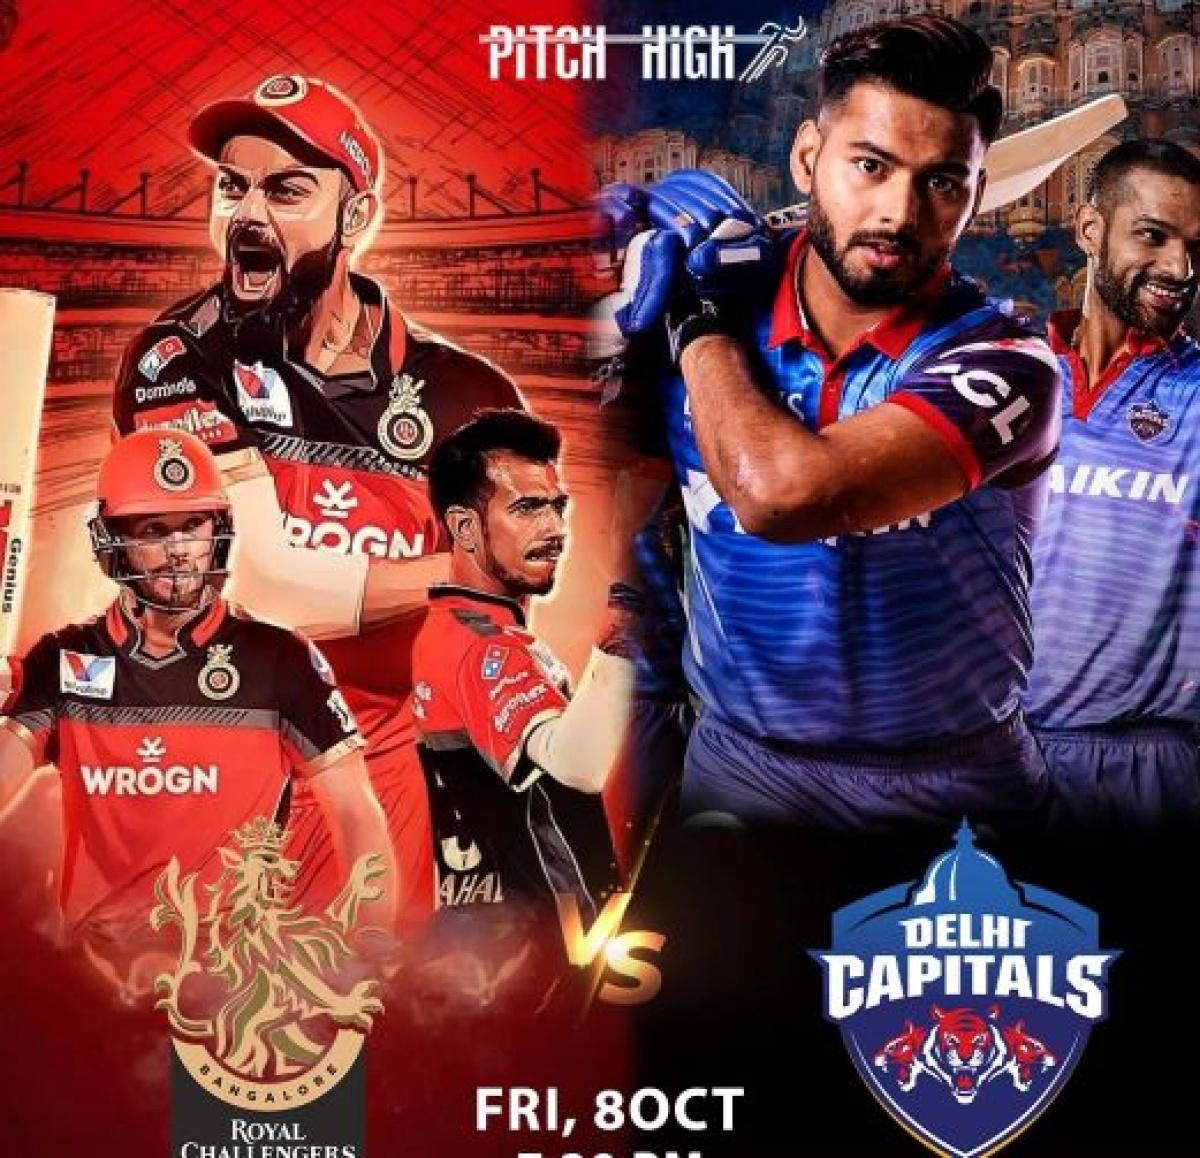 Dream11 Guru Tips,Royal Challengers Bangalore vs Delhi Capitals Dream11 Tips and Prediction,Royal Challengers Bangalore vs Delhi Capitals,RCB vs DC Dream11 Prediction,RCB vs DC,IPL,IPL news